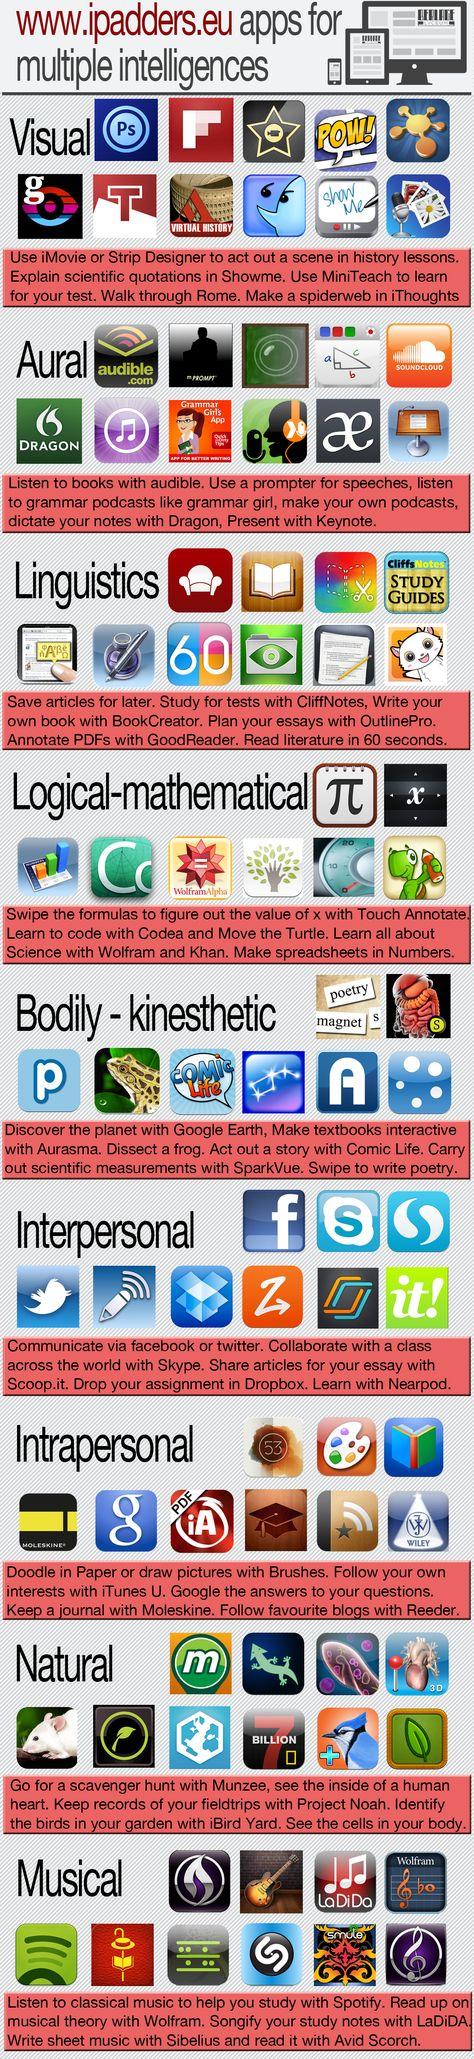 Infografía: Apps sociales y educativas para desarrollar las Inteligencias Múltiples